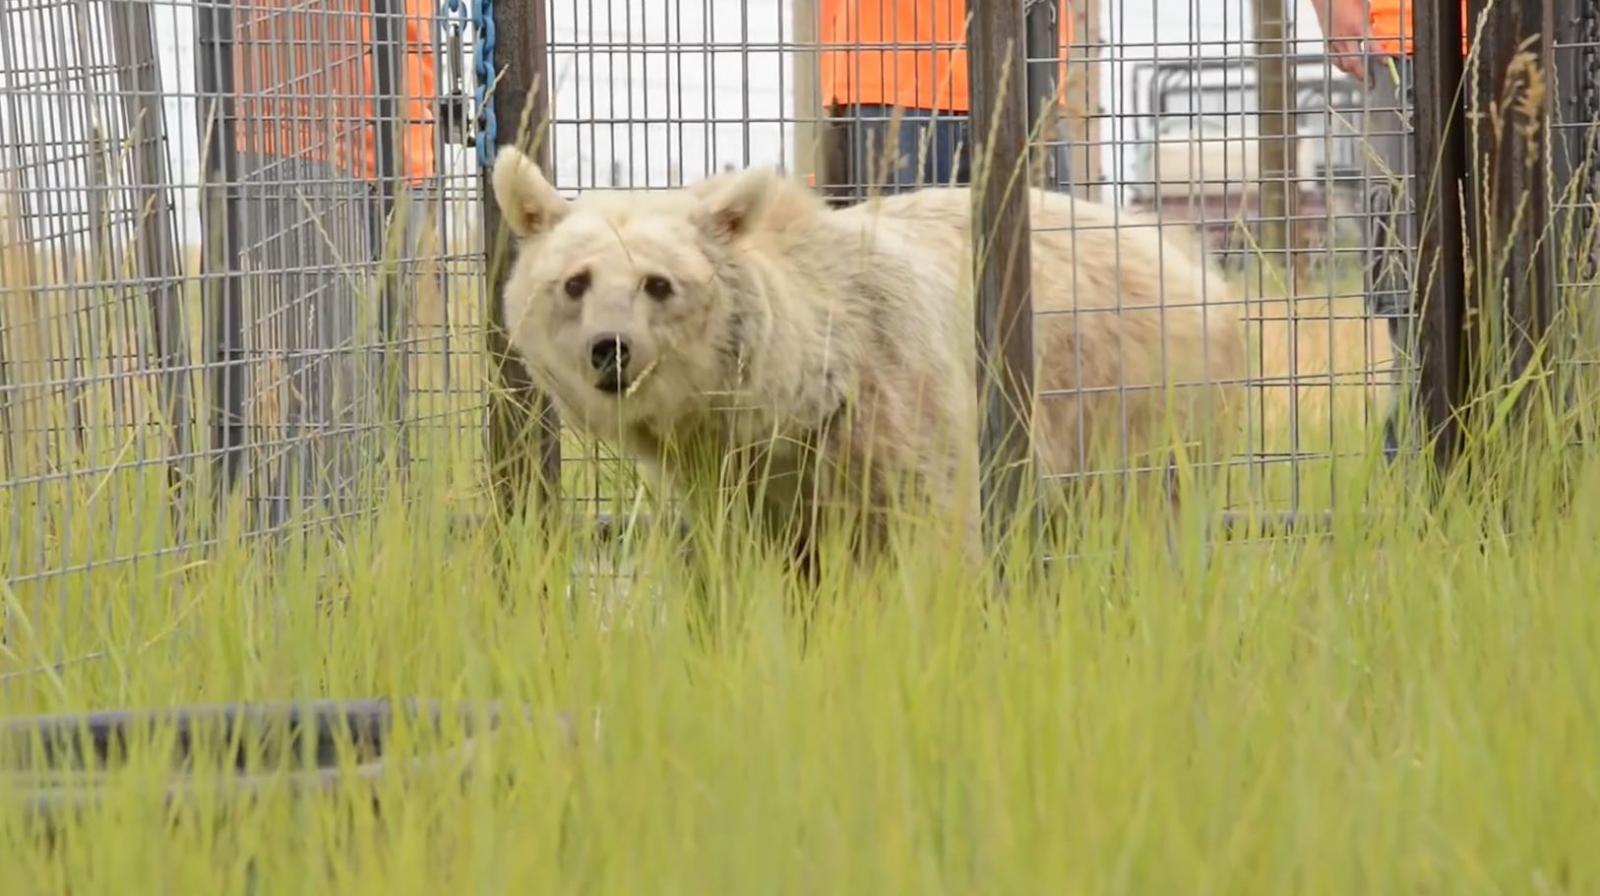 Elderly bears finally freed by PETA